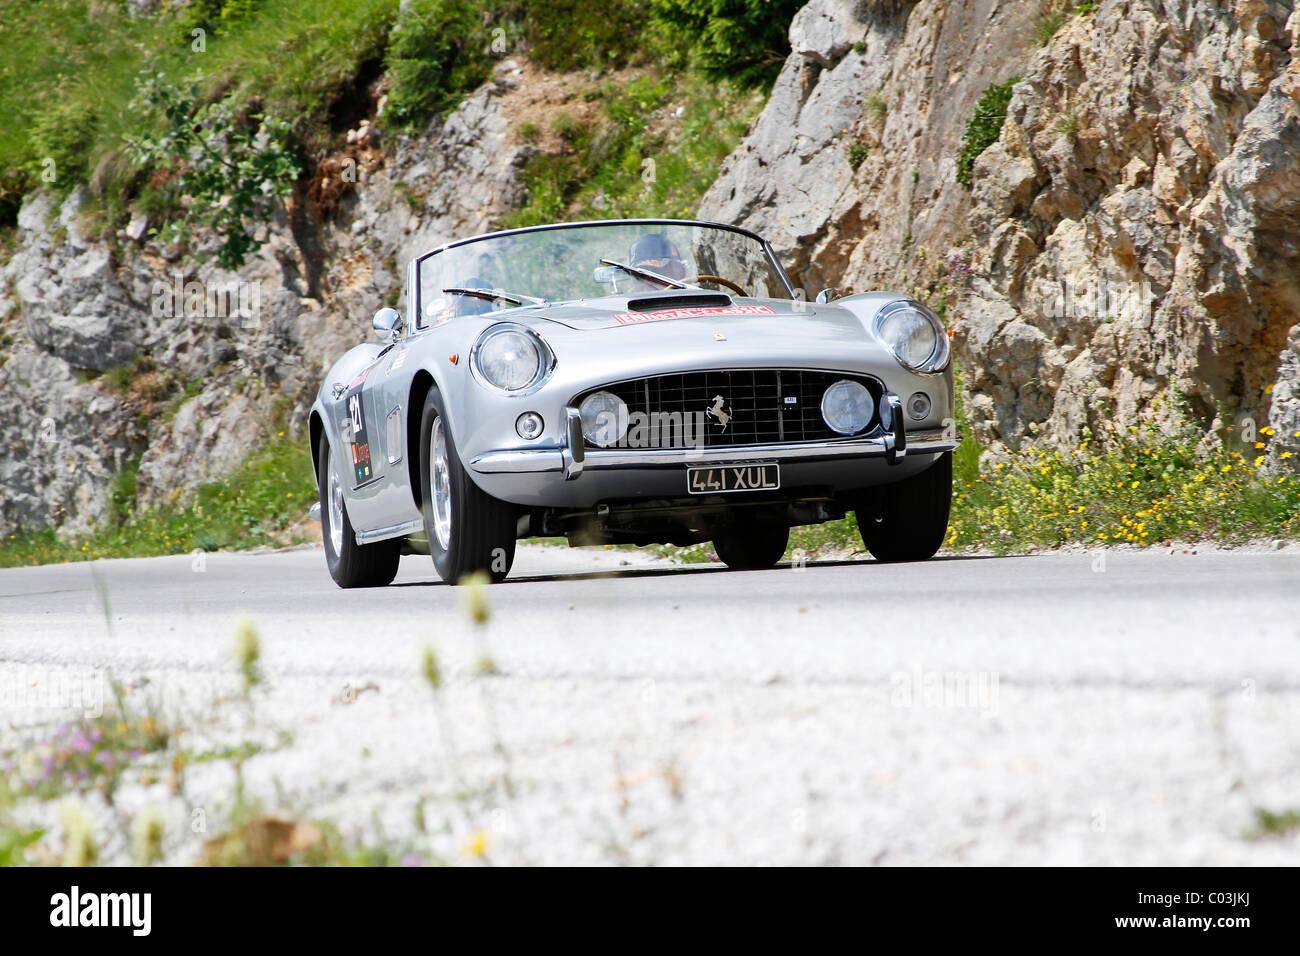 Ferrari 250 Gt Swb California Spyder Baujahr 1961 Eines Der Teuersten Ferrari Nur 51 Stück Gebaut Bis Zu Fahren Stockfotografie Alamy